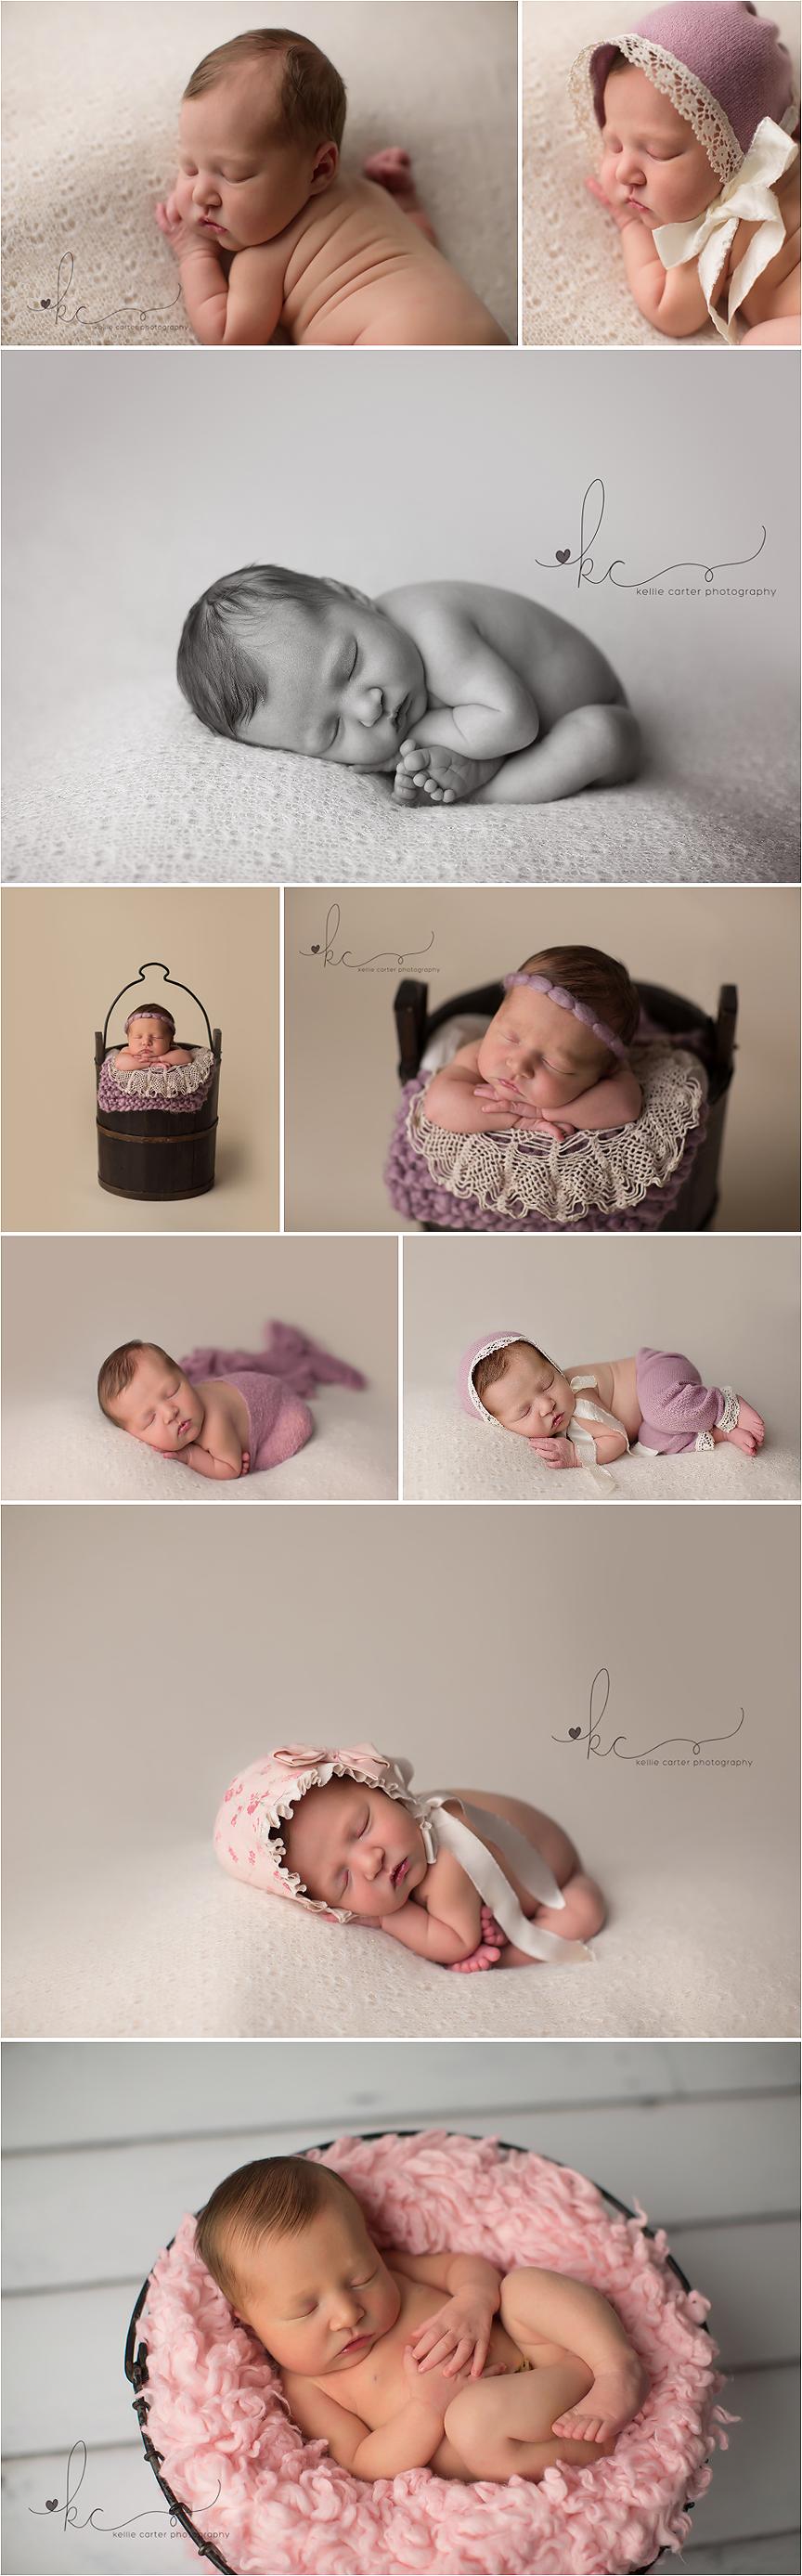 Kentucky Newborn Portrait Photographer Kellie Carter